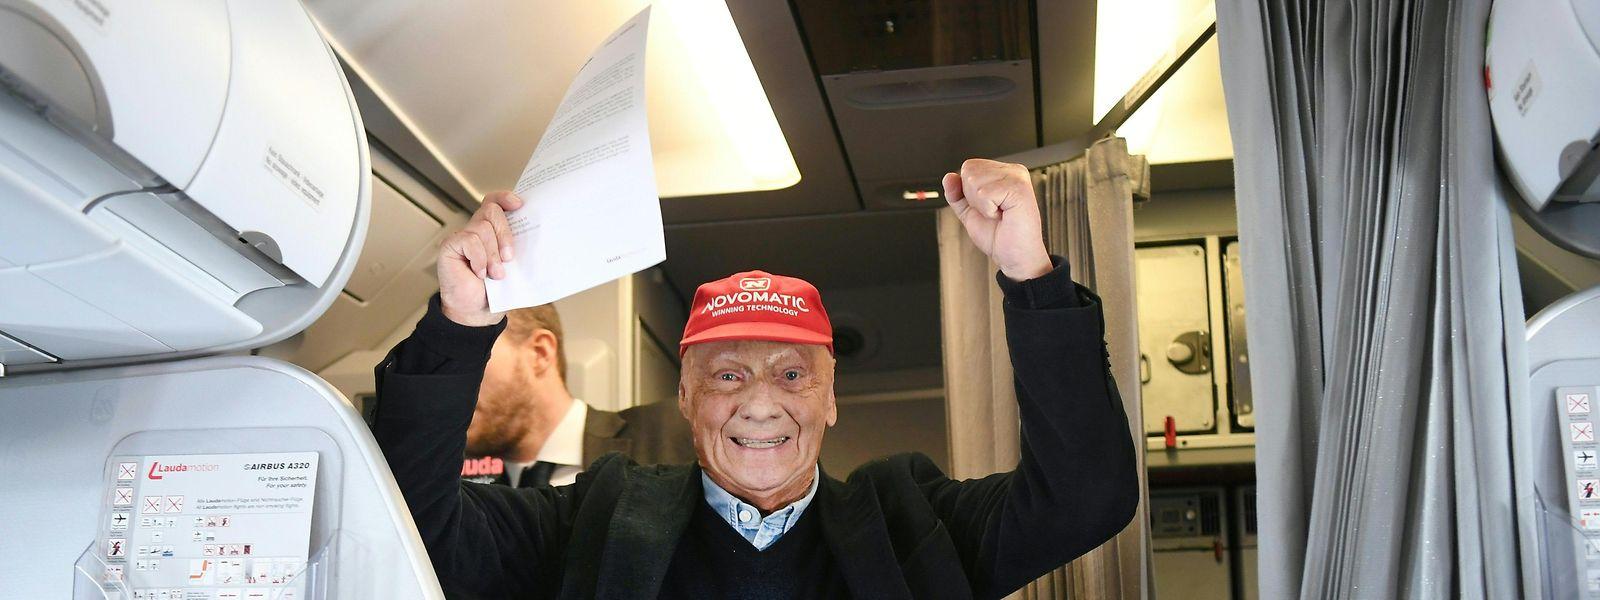 Grund zur Freude: Niki Lauda will wieder abheben.